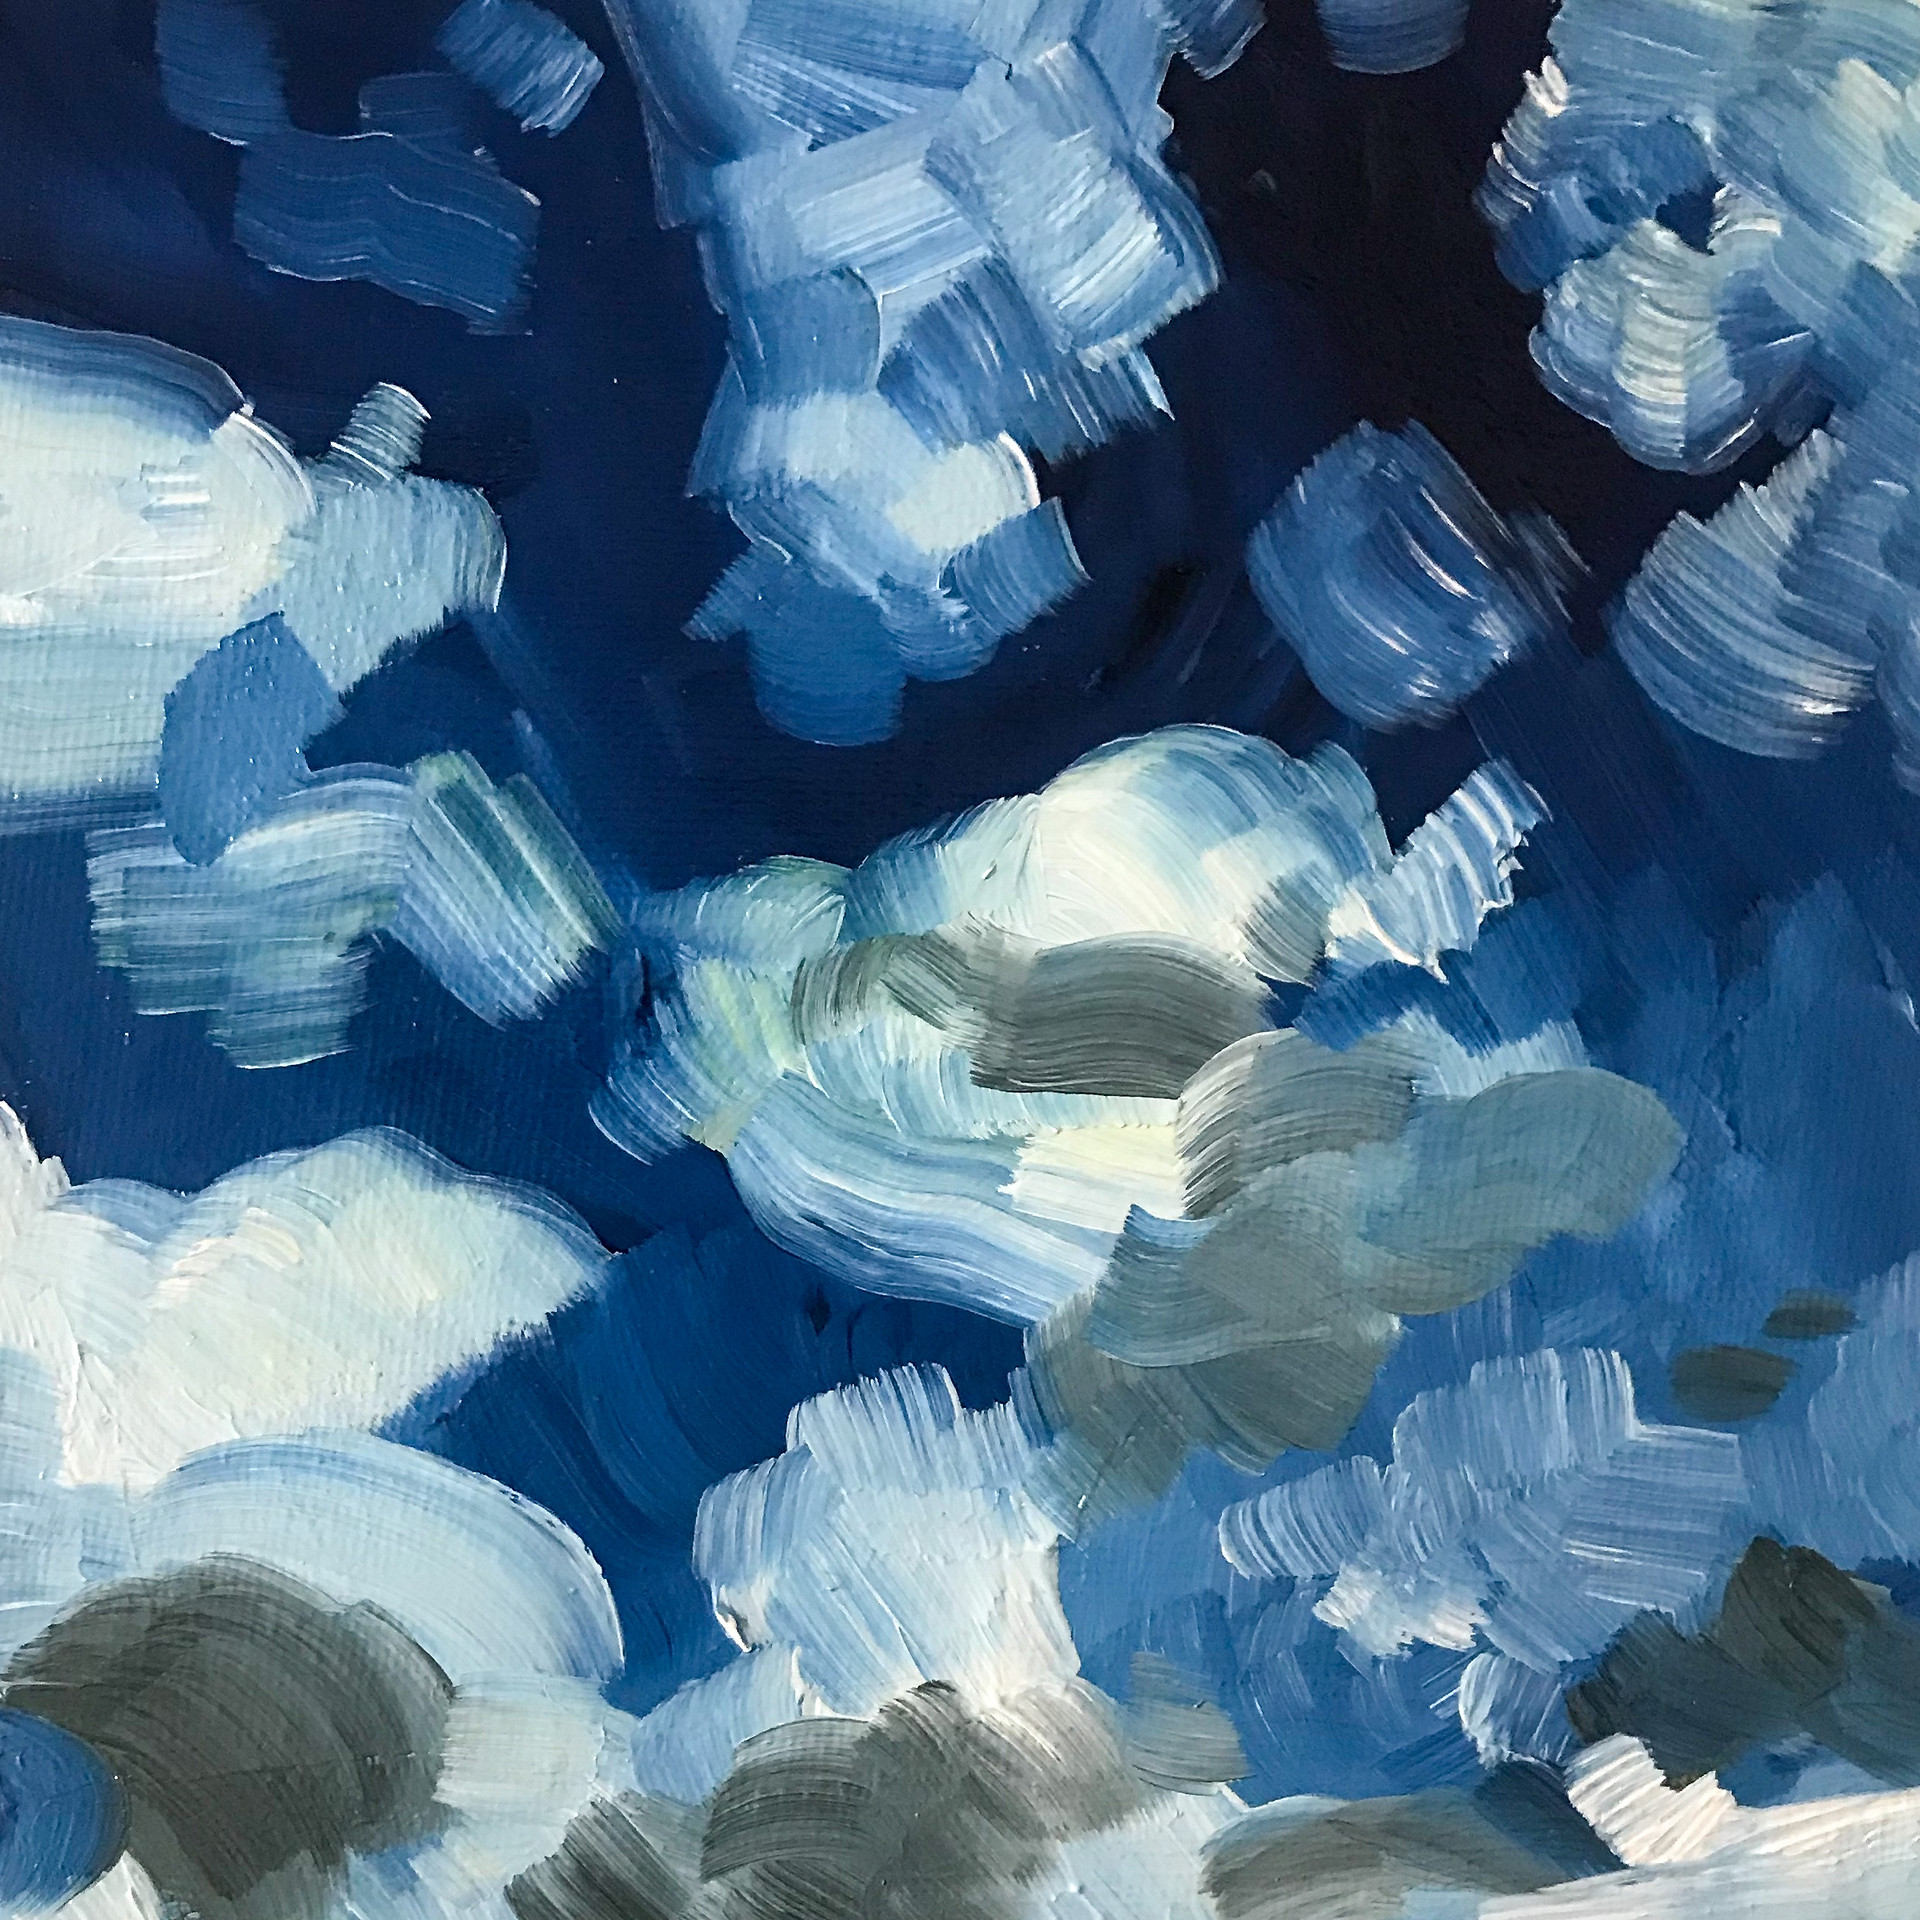 Summer Sky 3 Oil on Canvas 2020